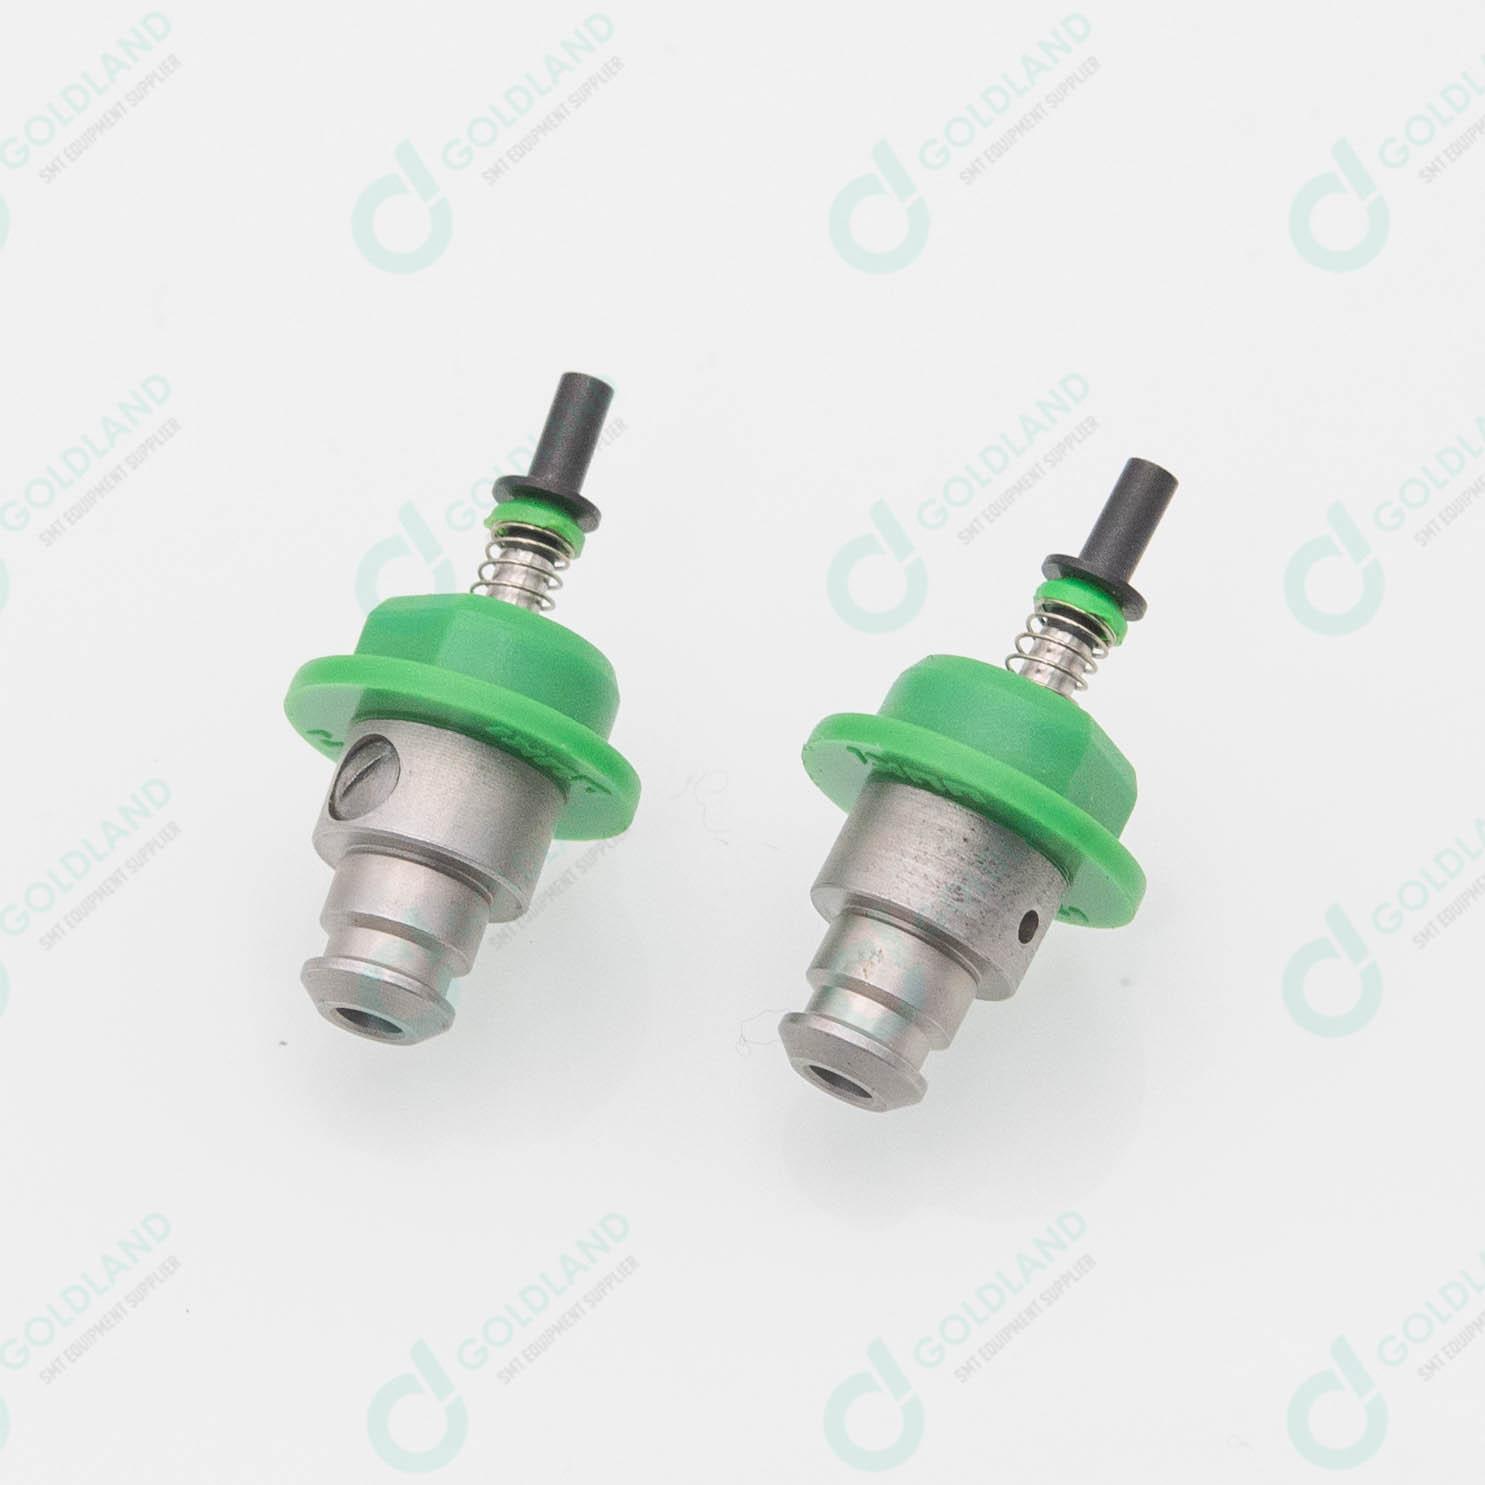 JUKI SMT chip place machine parts 40024915 JUKI nozzle